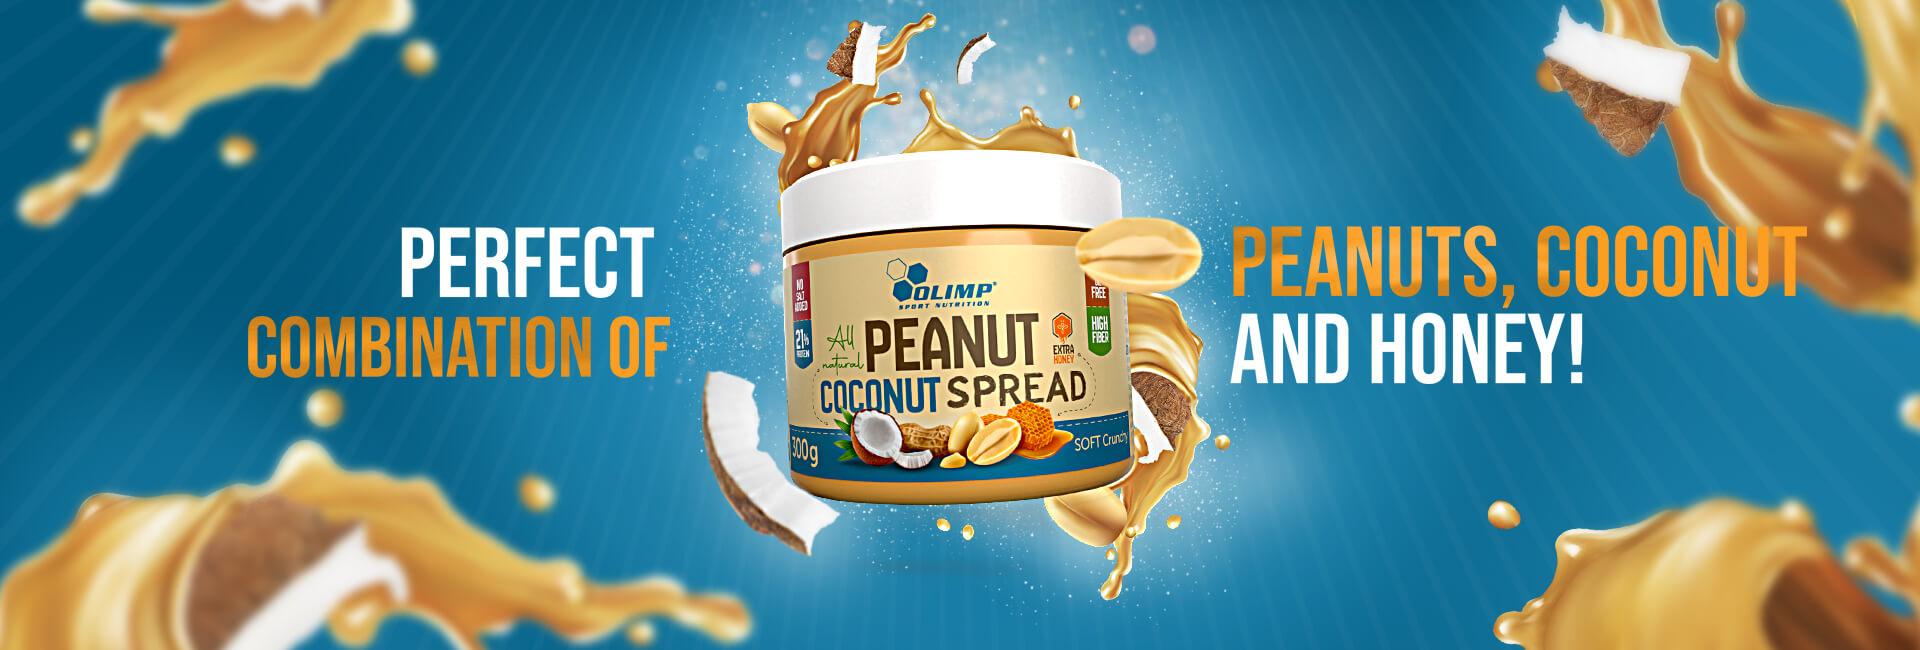 Olimp Peanut Coconut Spread